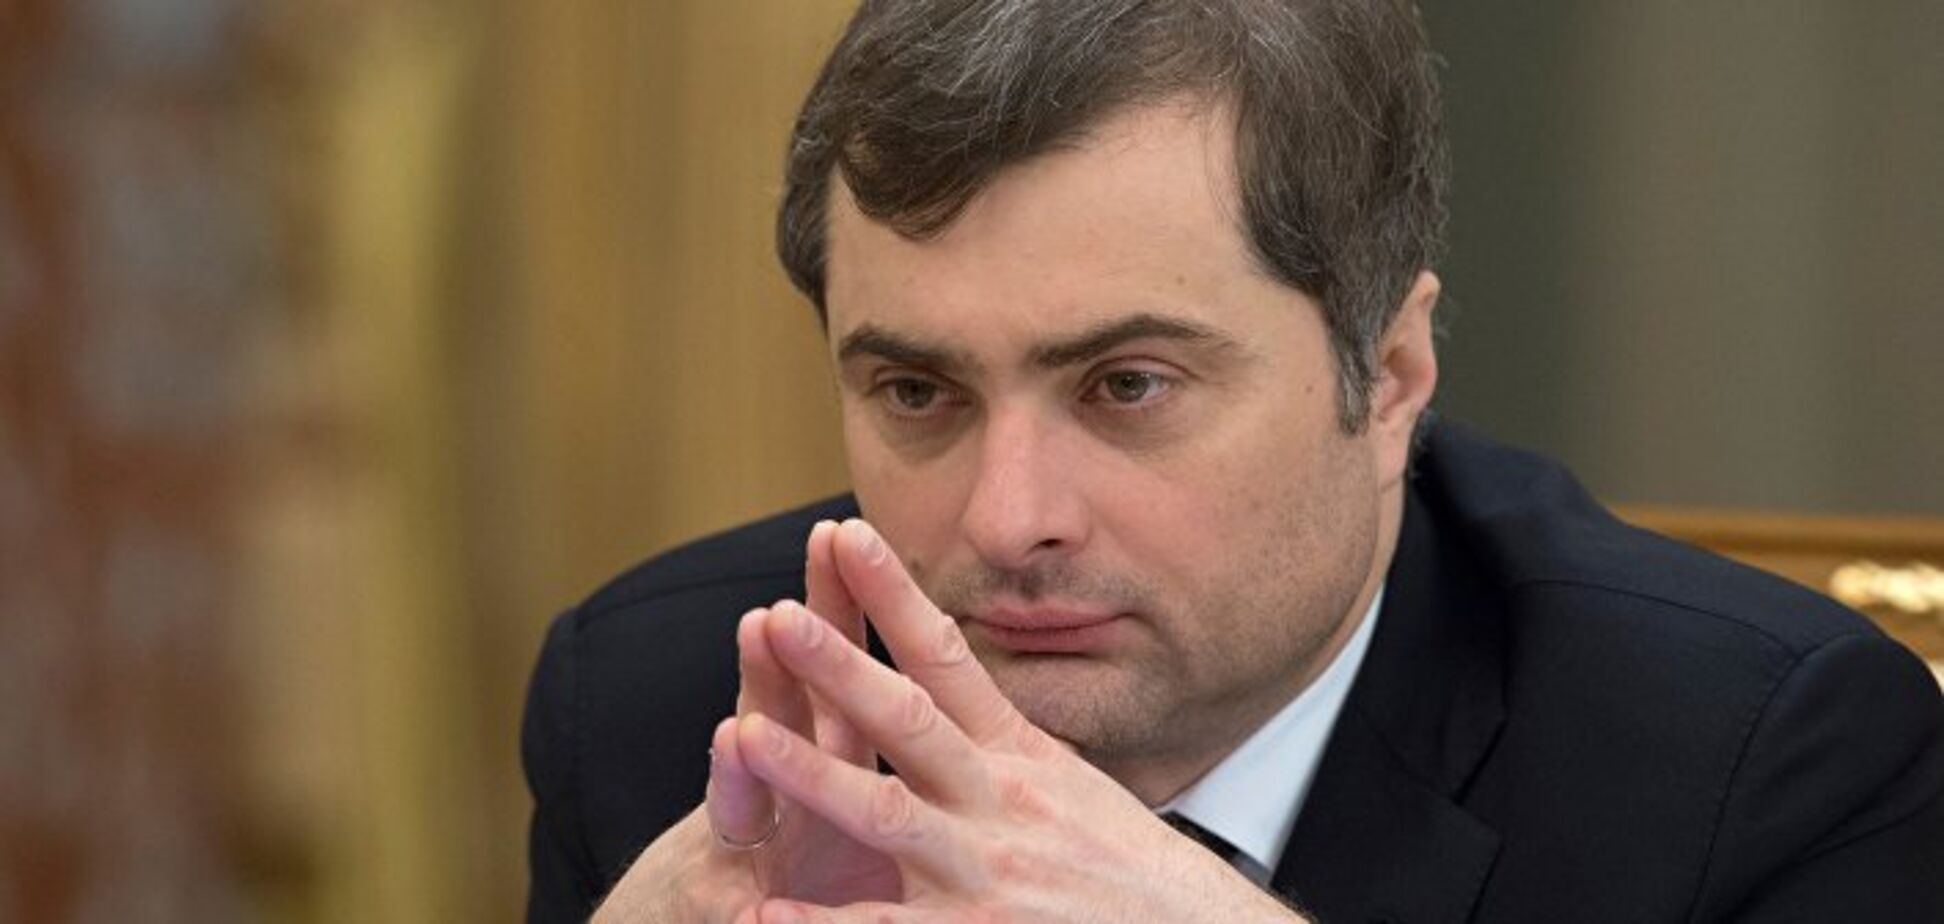 Сурков провел тайную встречу с главарями ''ДНР'' в Ростове: первые подробности